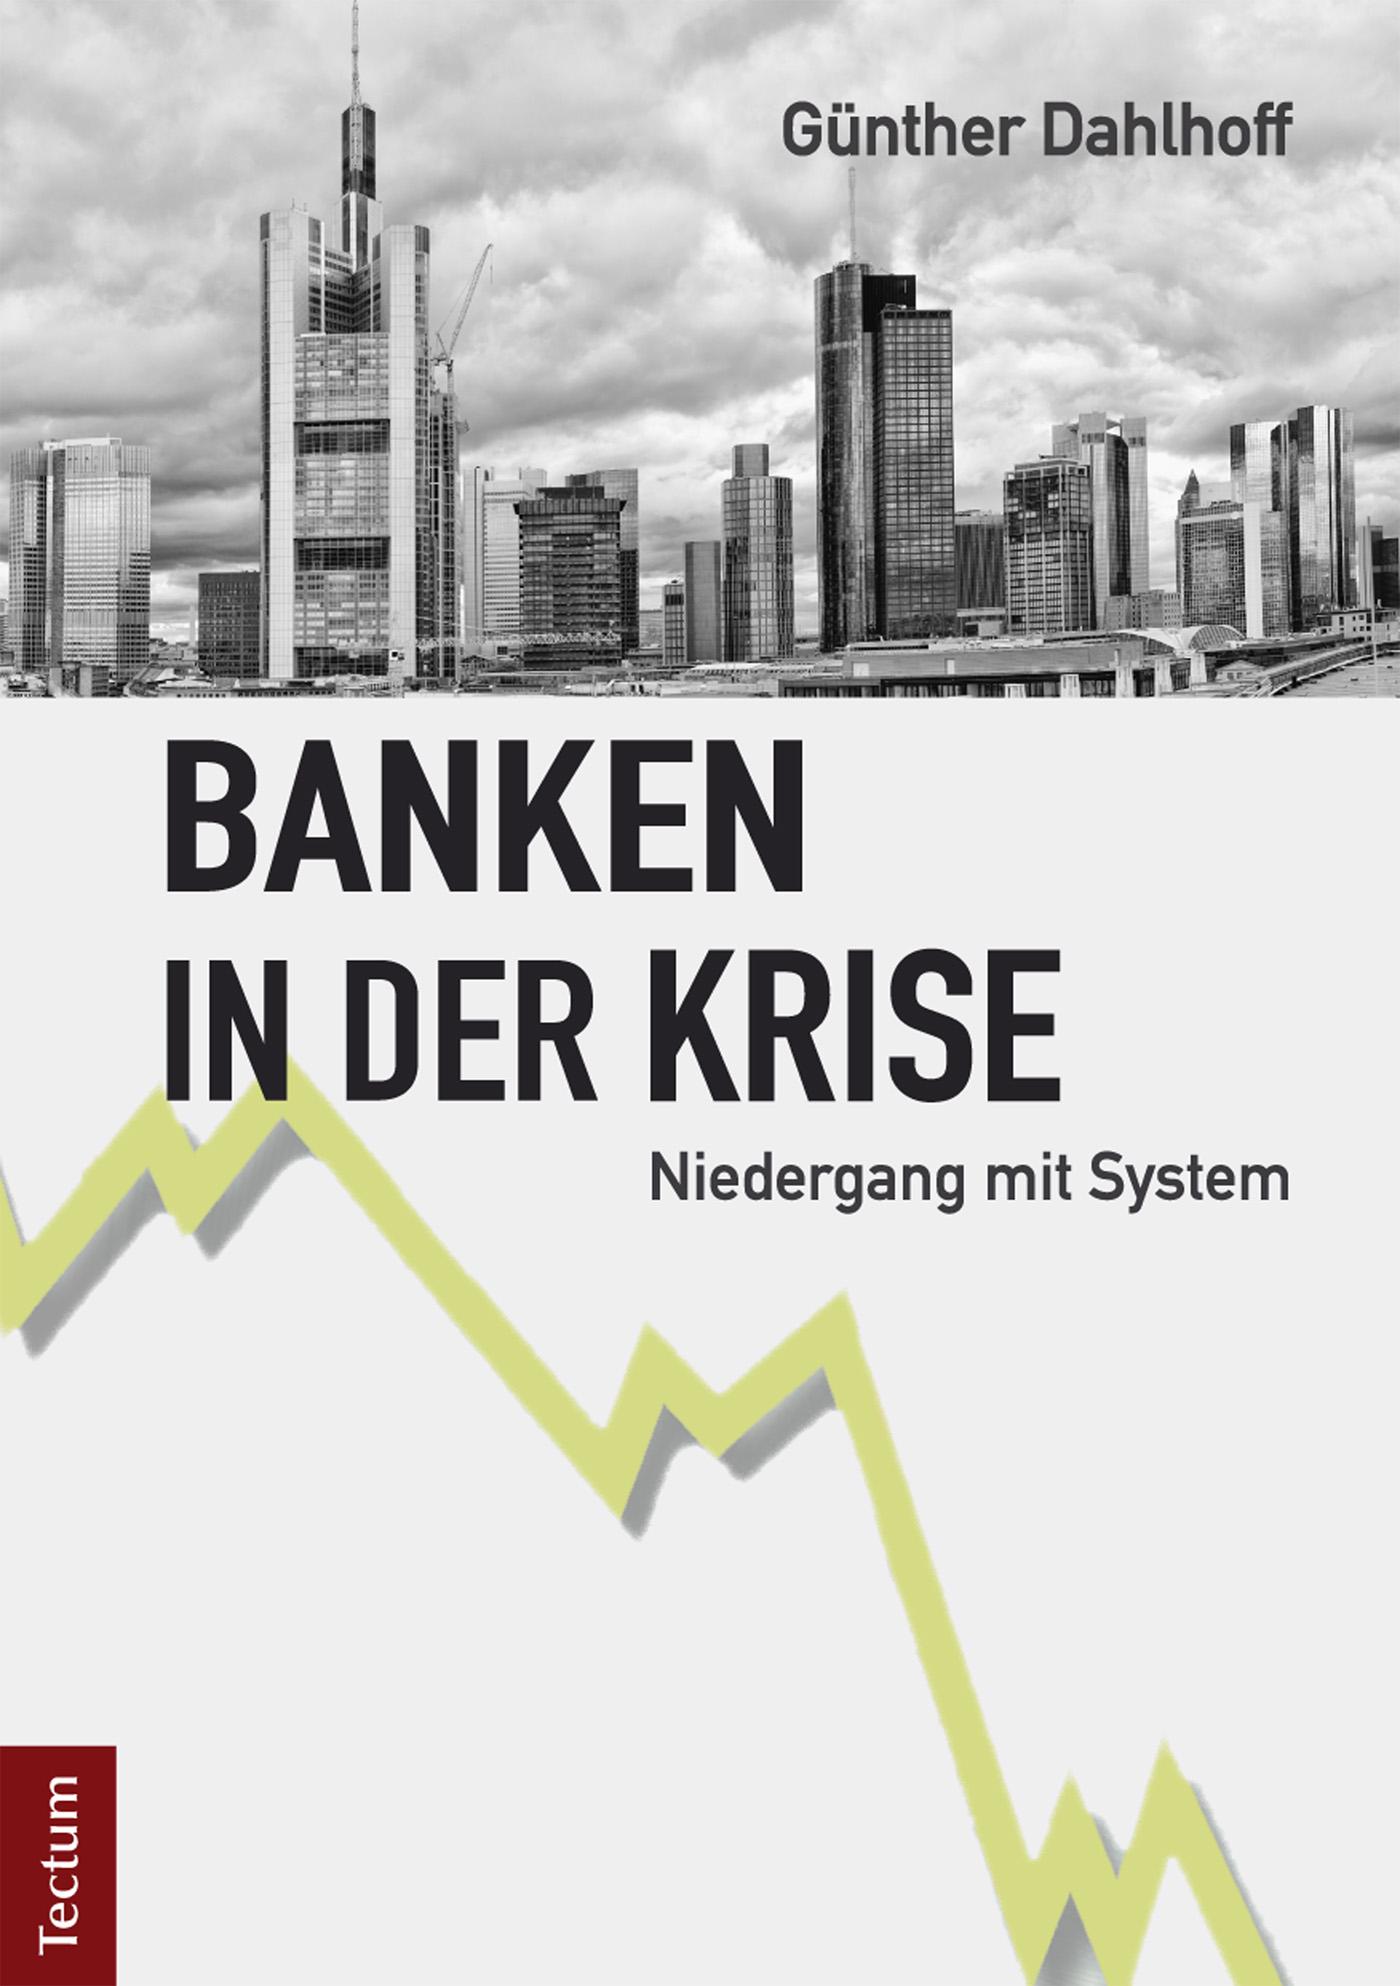 Gunther Dahlhoff Banken in der Krise der werdegang der krise